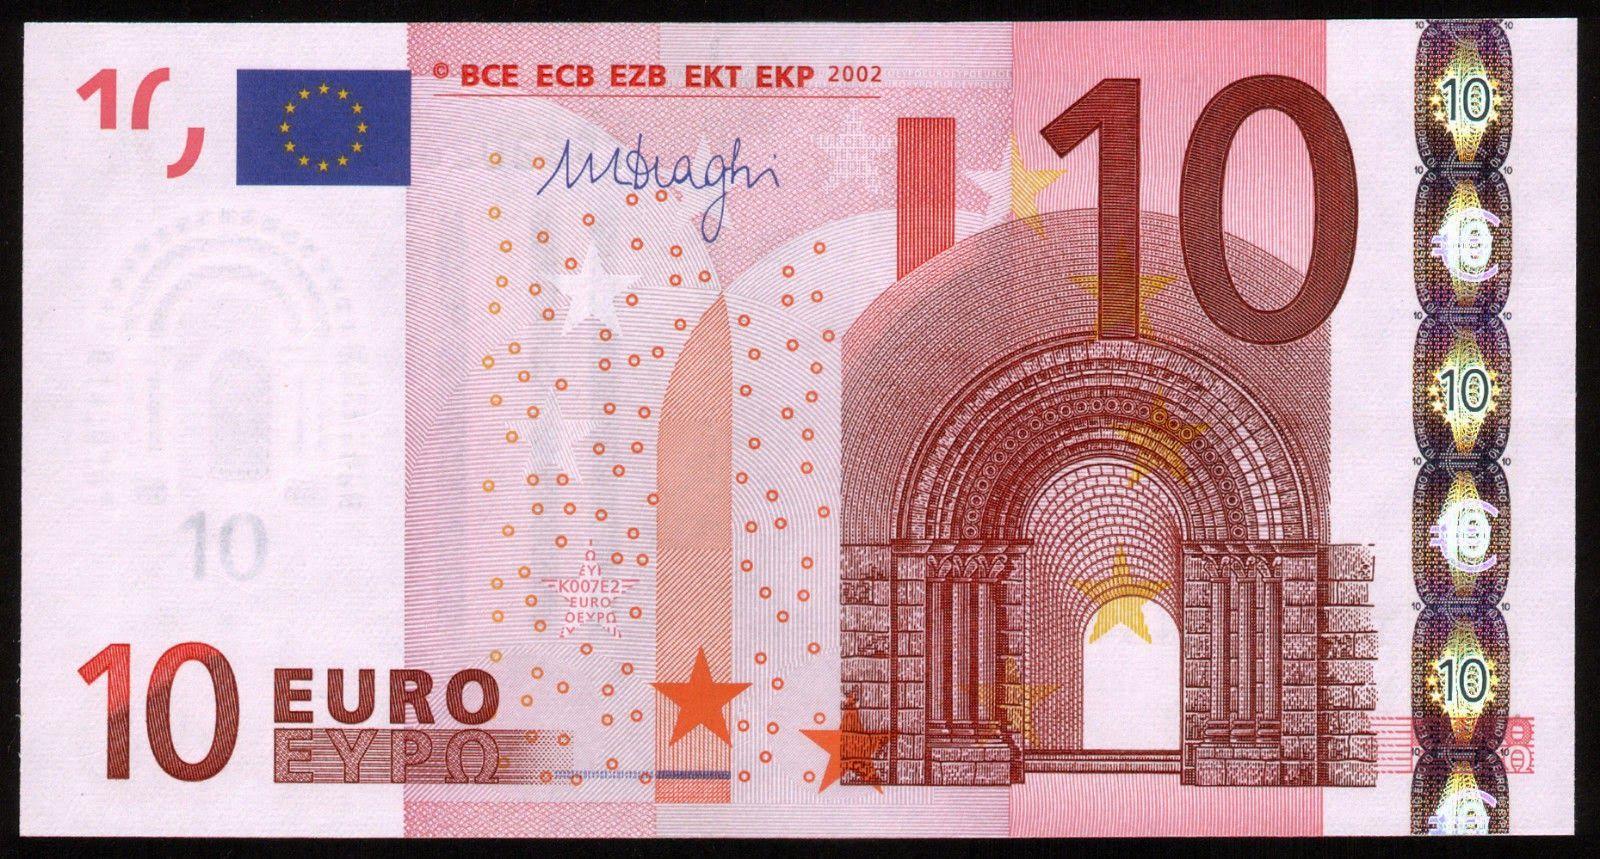 10 Euro Bank Notes Euro World Coins